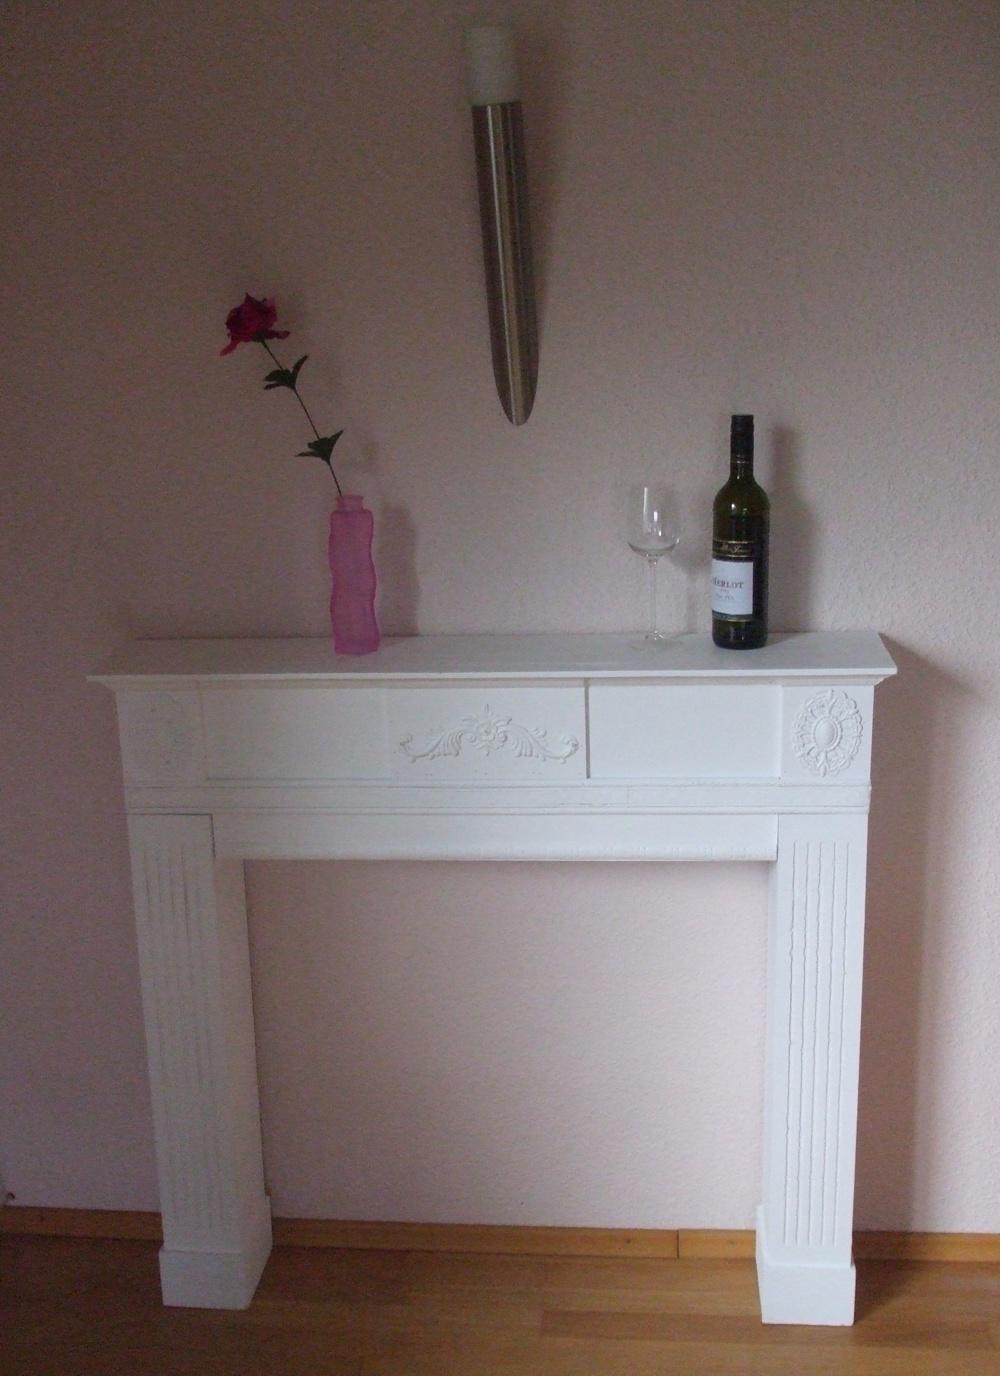 kaminkonsole g nstig g nstig kaufen geld sparen bei mitvollemdampf. Black Bedroom Furniture Sets. Home Design Ideas